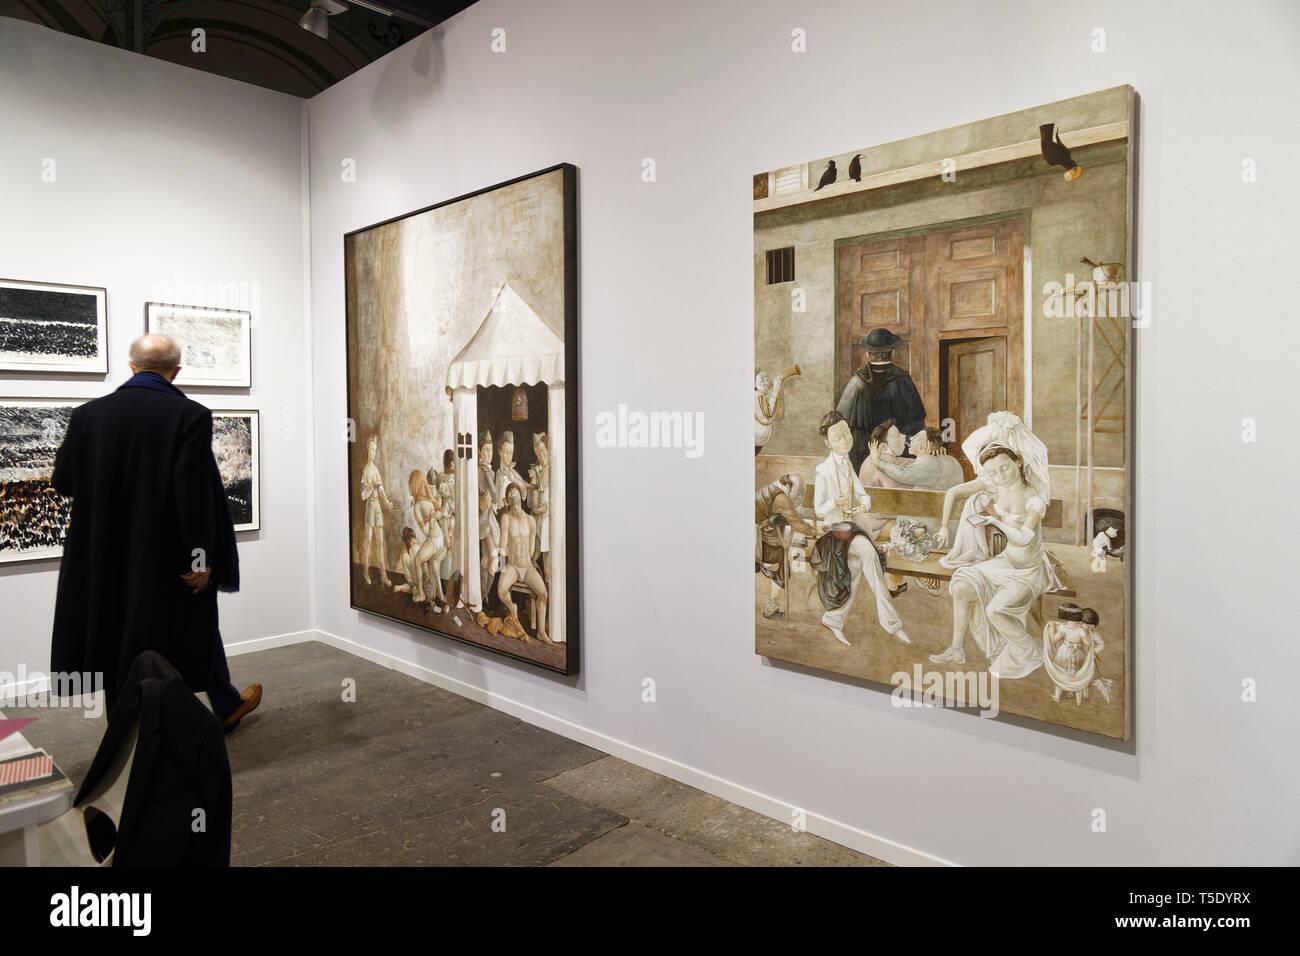 Paris, France. 3th April, 2019. Xiao Guo Hui exibited at Paris Art Fair, Paris, 2019, France. Credit: Veronique Phitoussi/Alamy Stock Photo Stock Photo